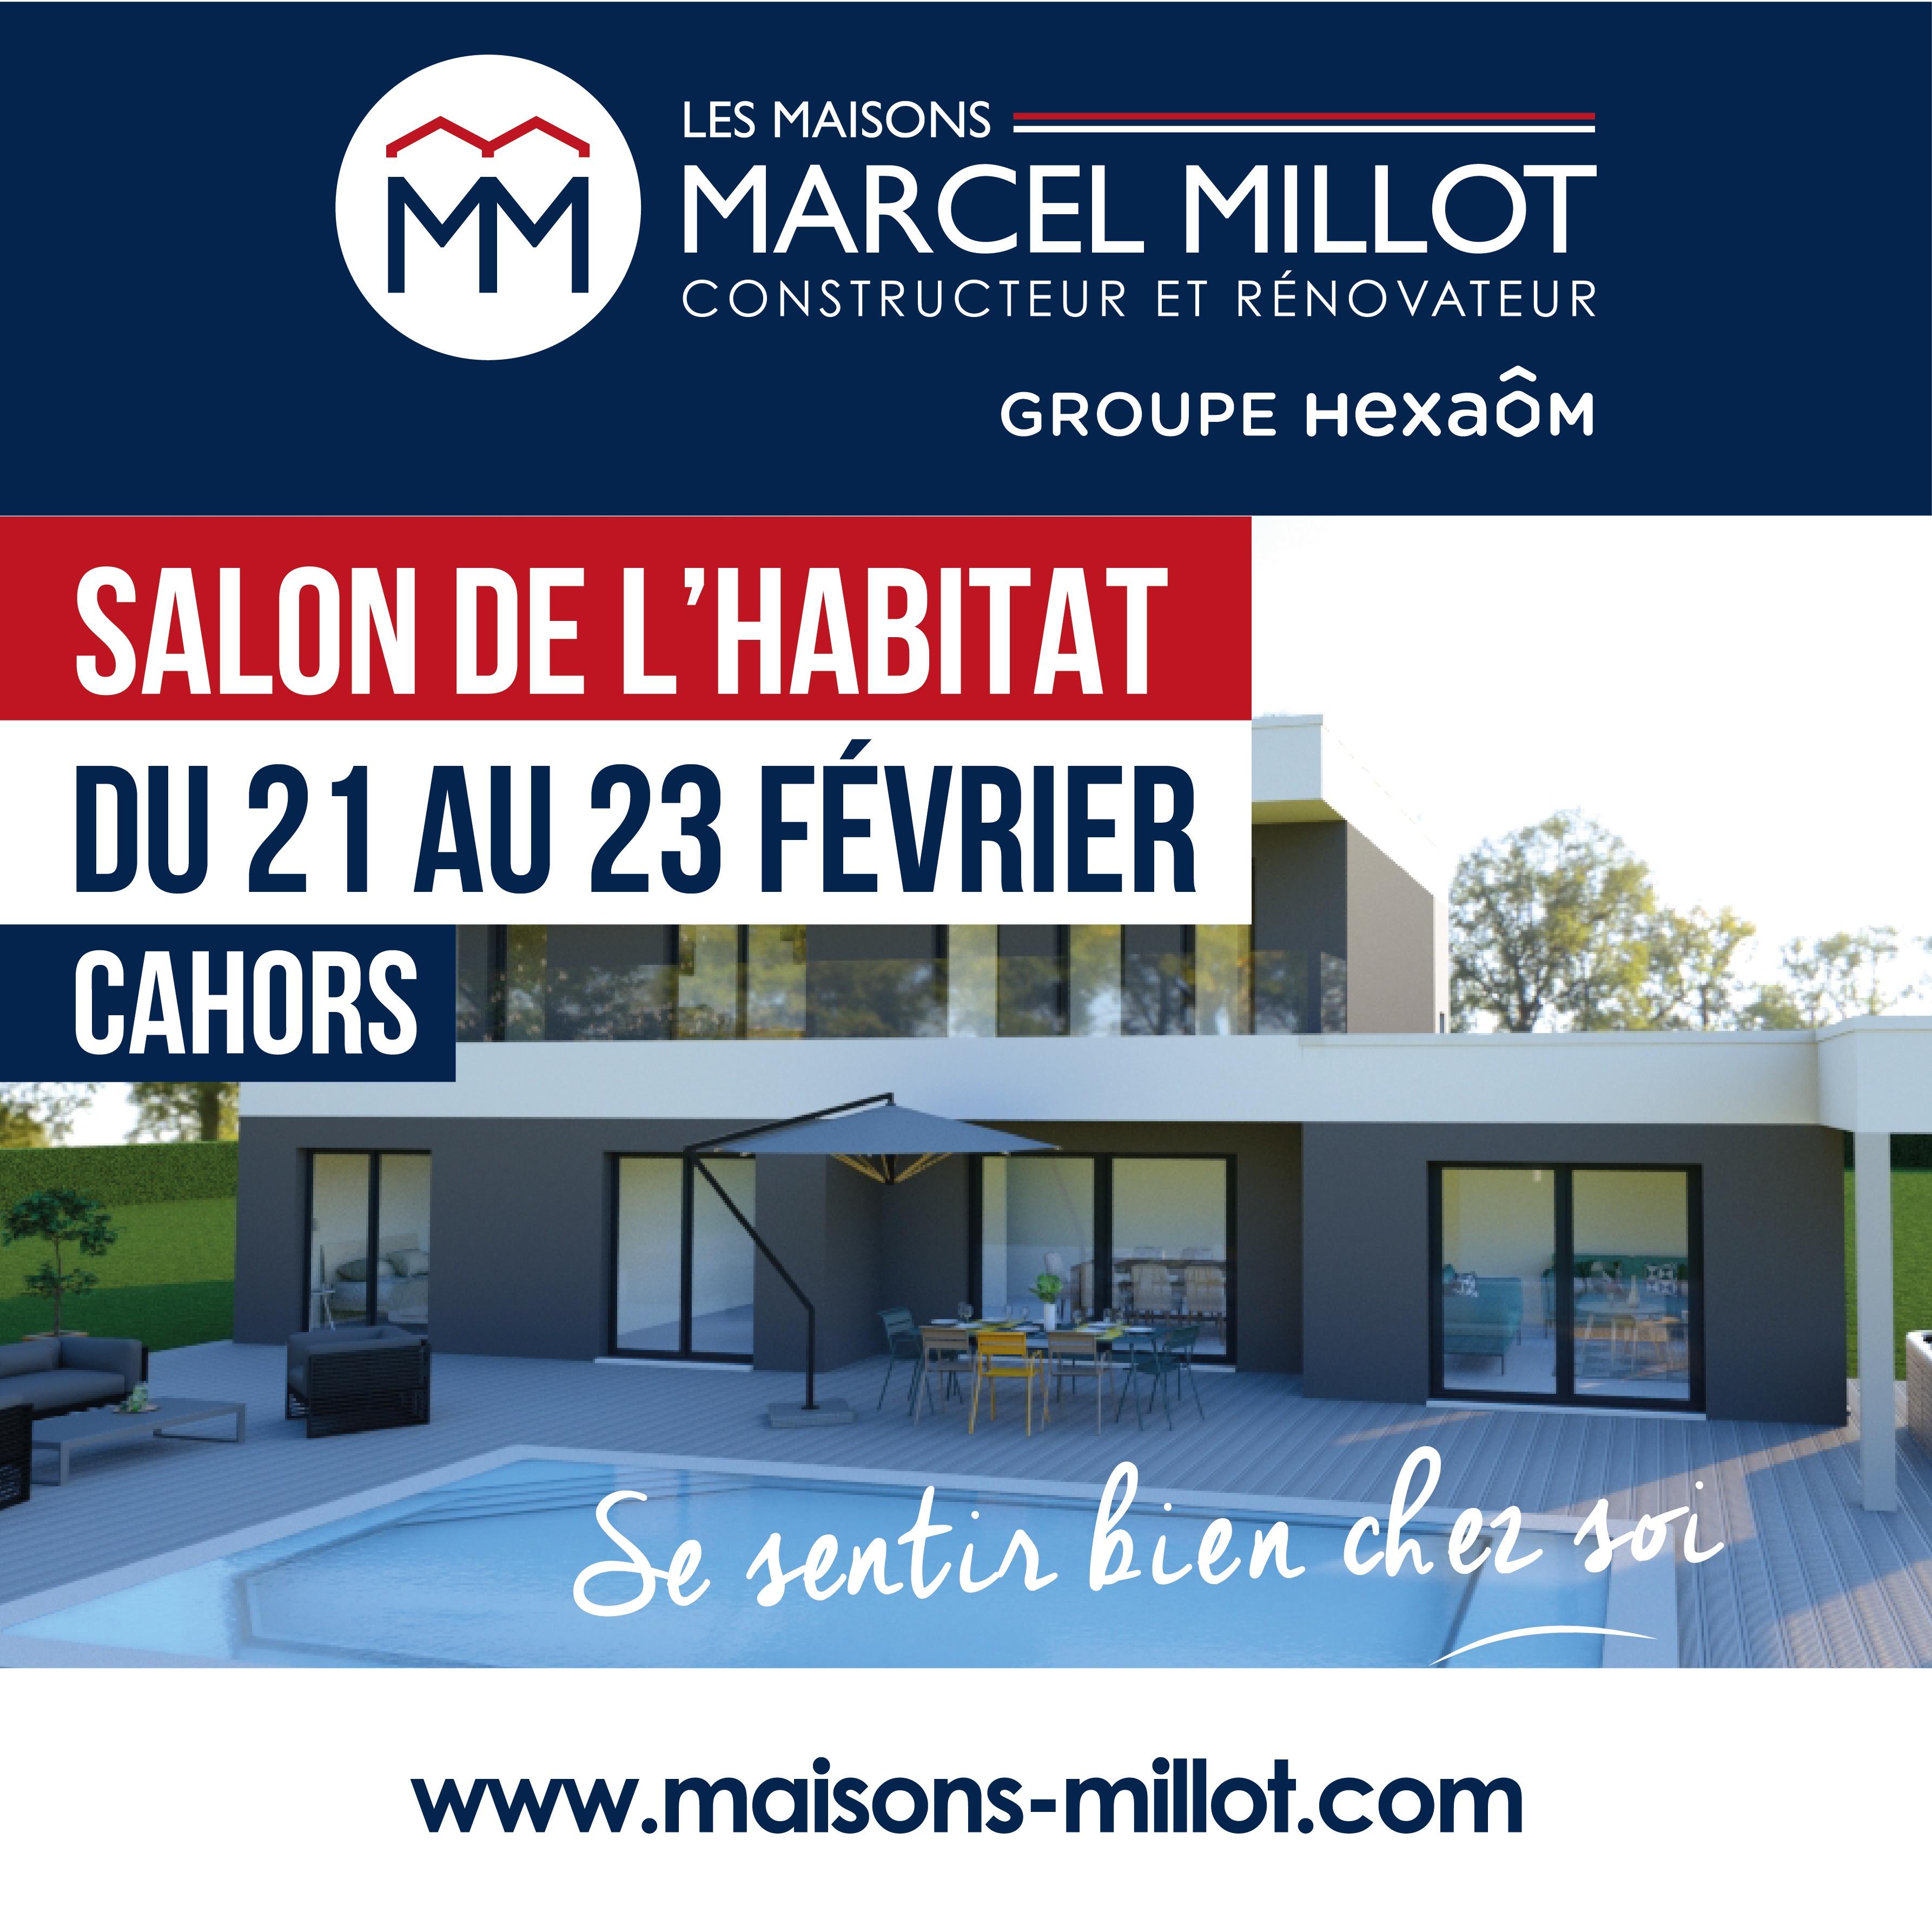 Constructeur Maison En Bois Limoges maisons marcel millot - constructeur de maisons